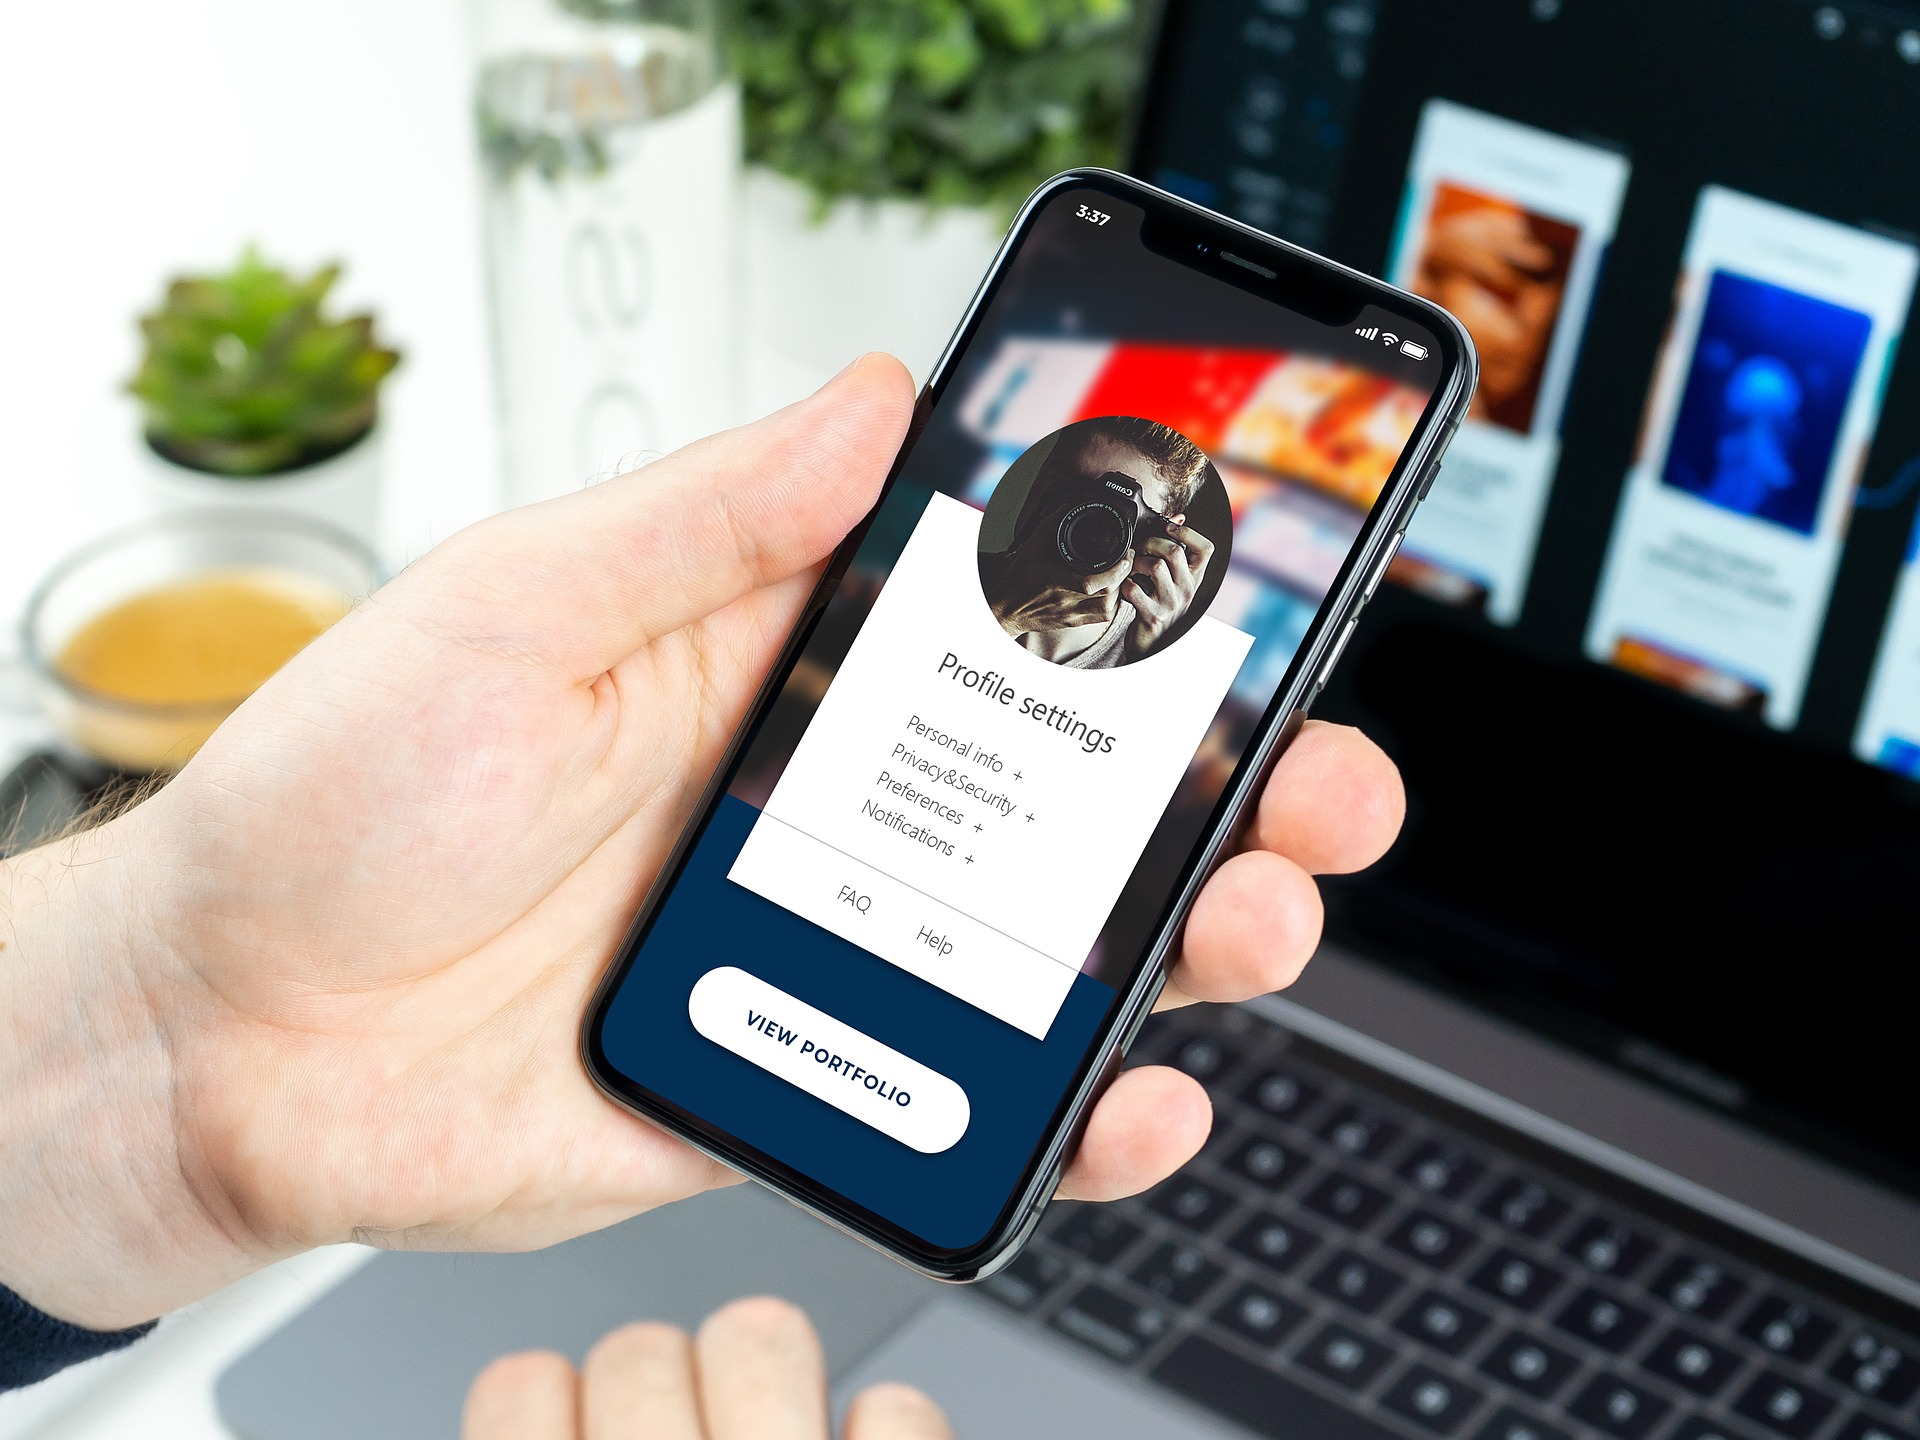 Die Entwicklung des sicheren, kontaktlosen Bezahlens / Pixabay